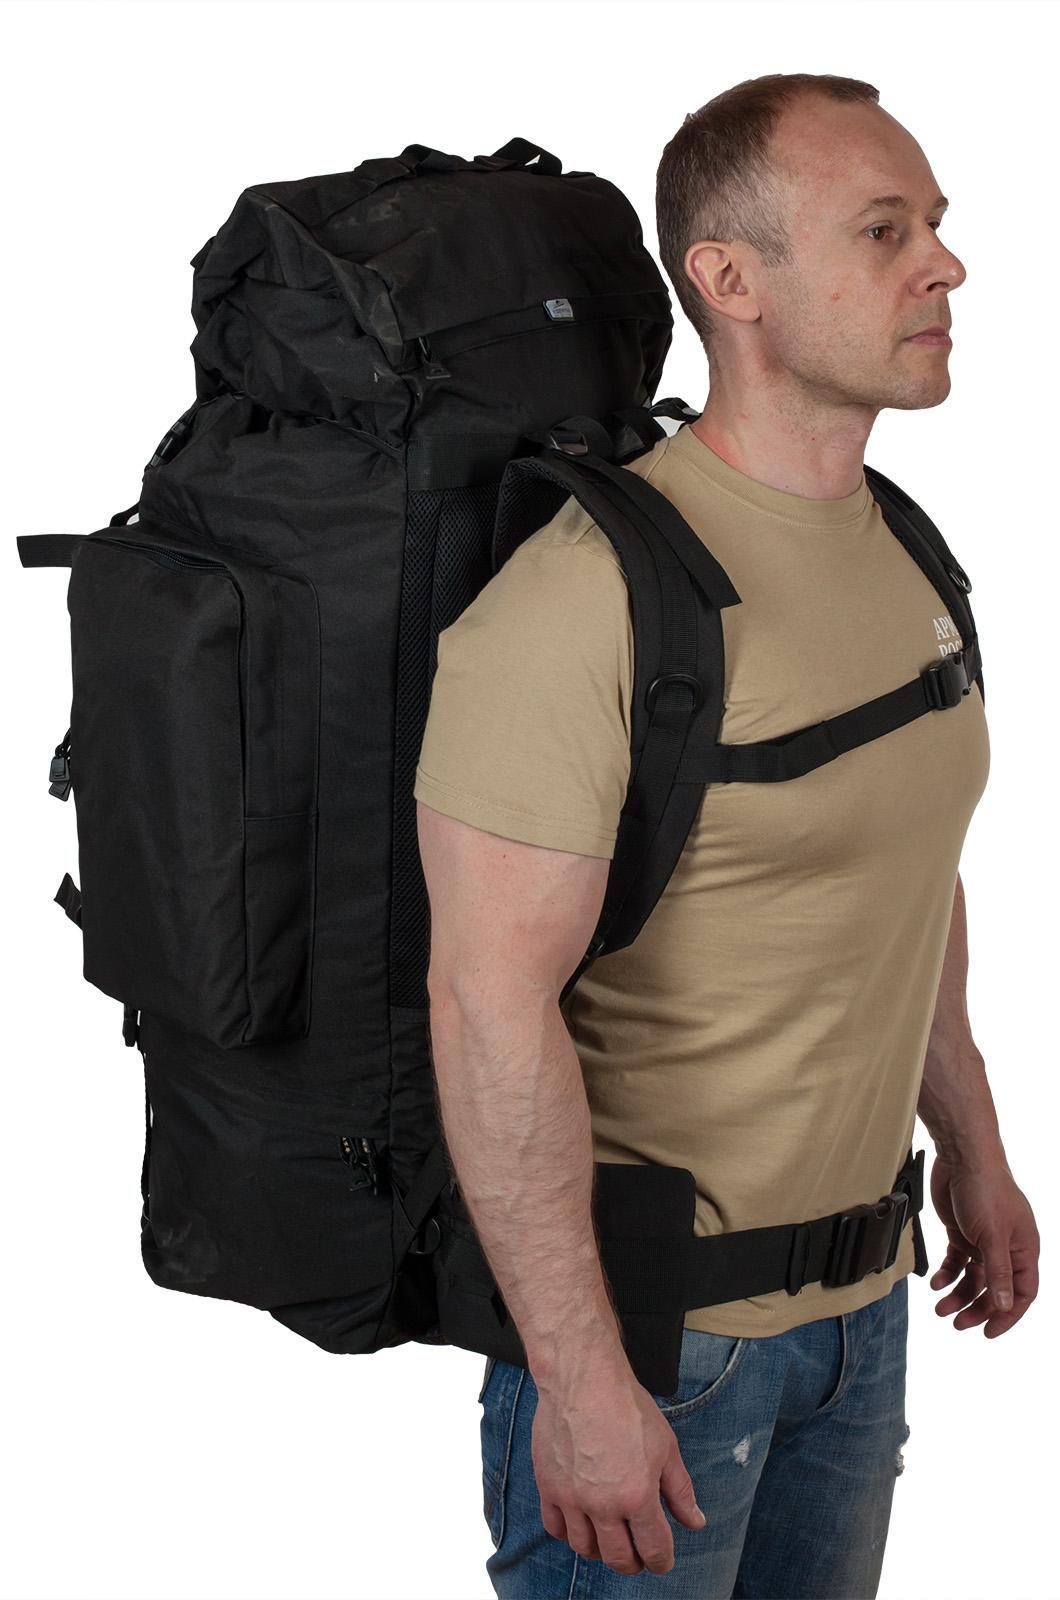 Многодневный вместительный рюкзак с нашивкой Потомственный Казак - купить самовывозом